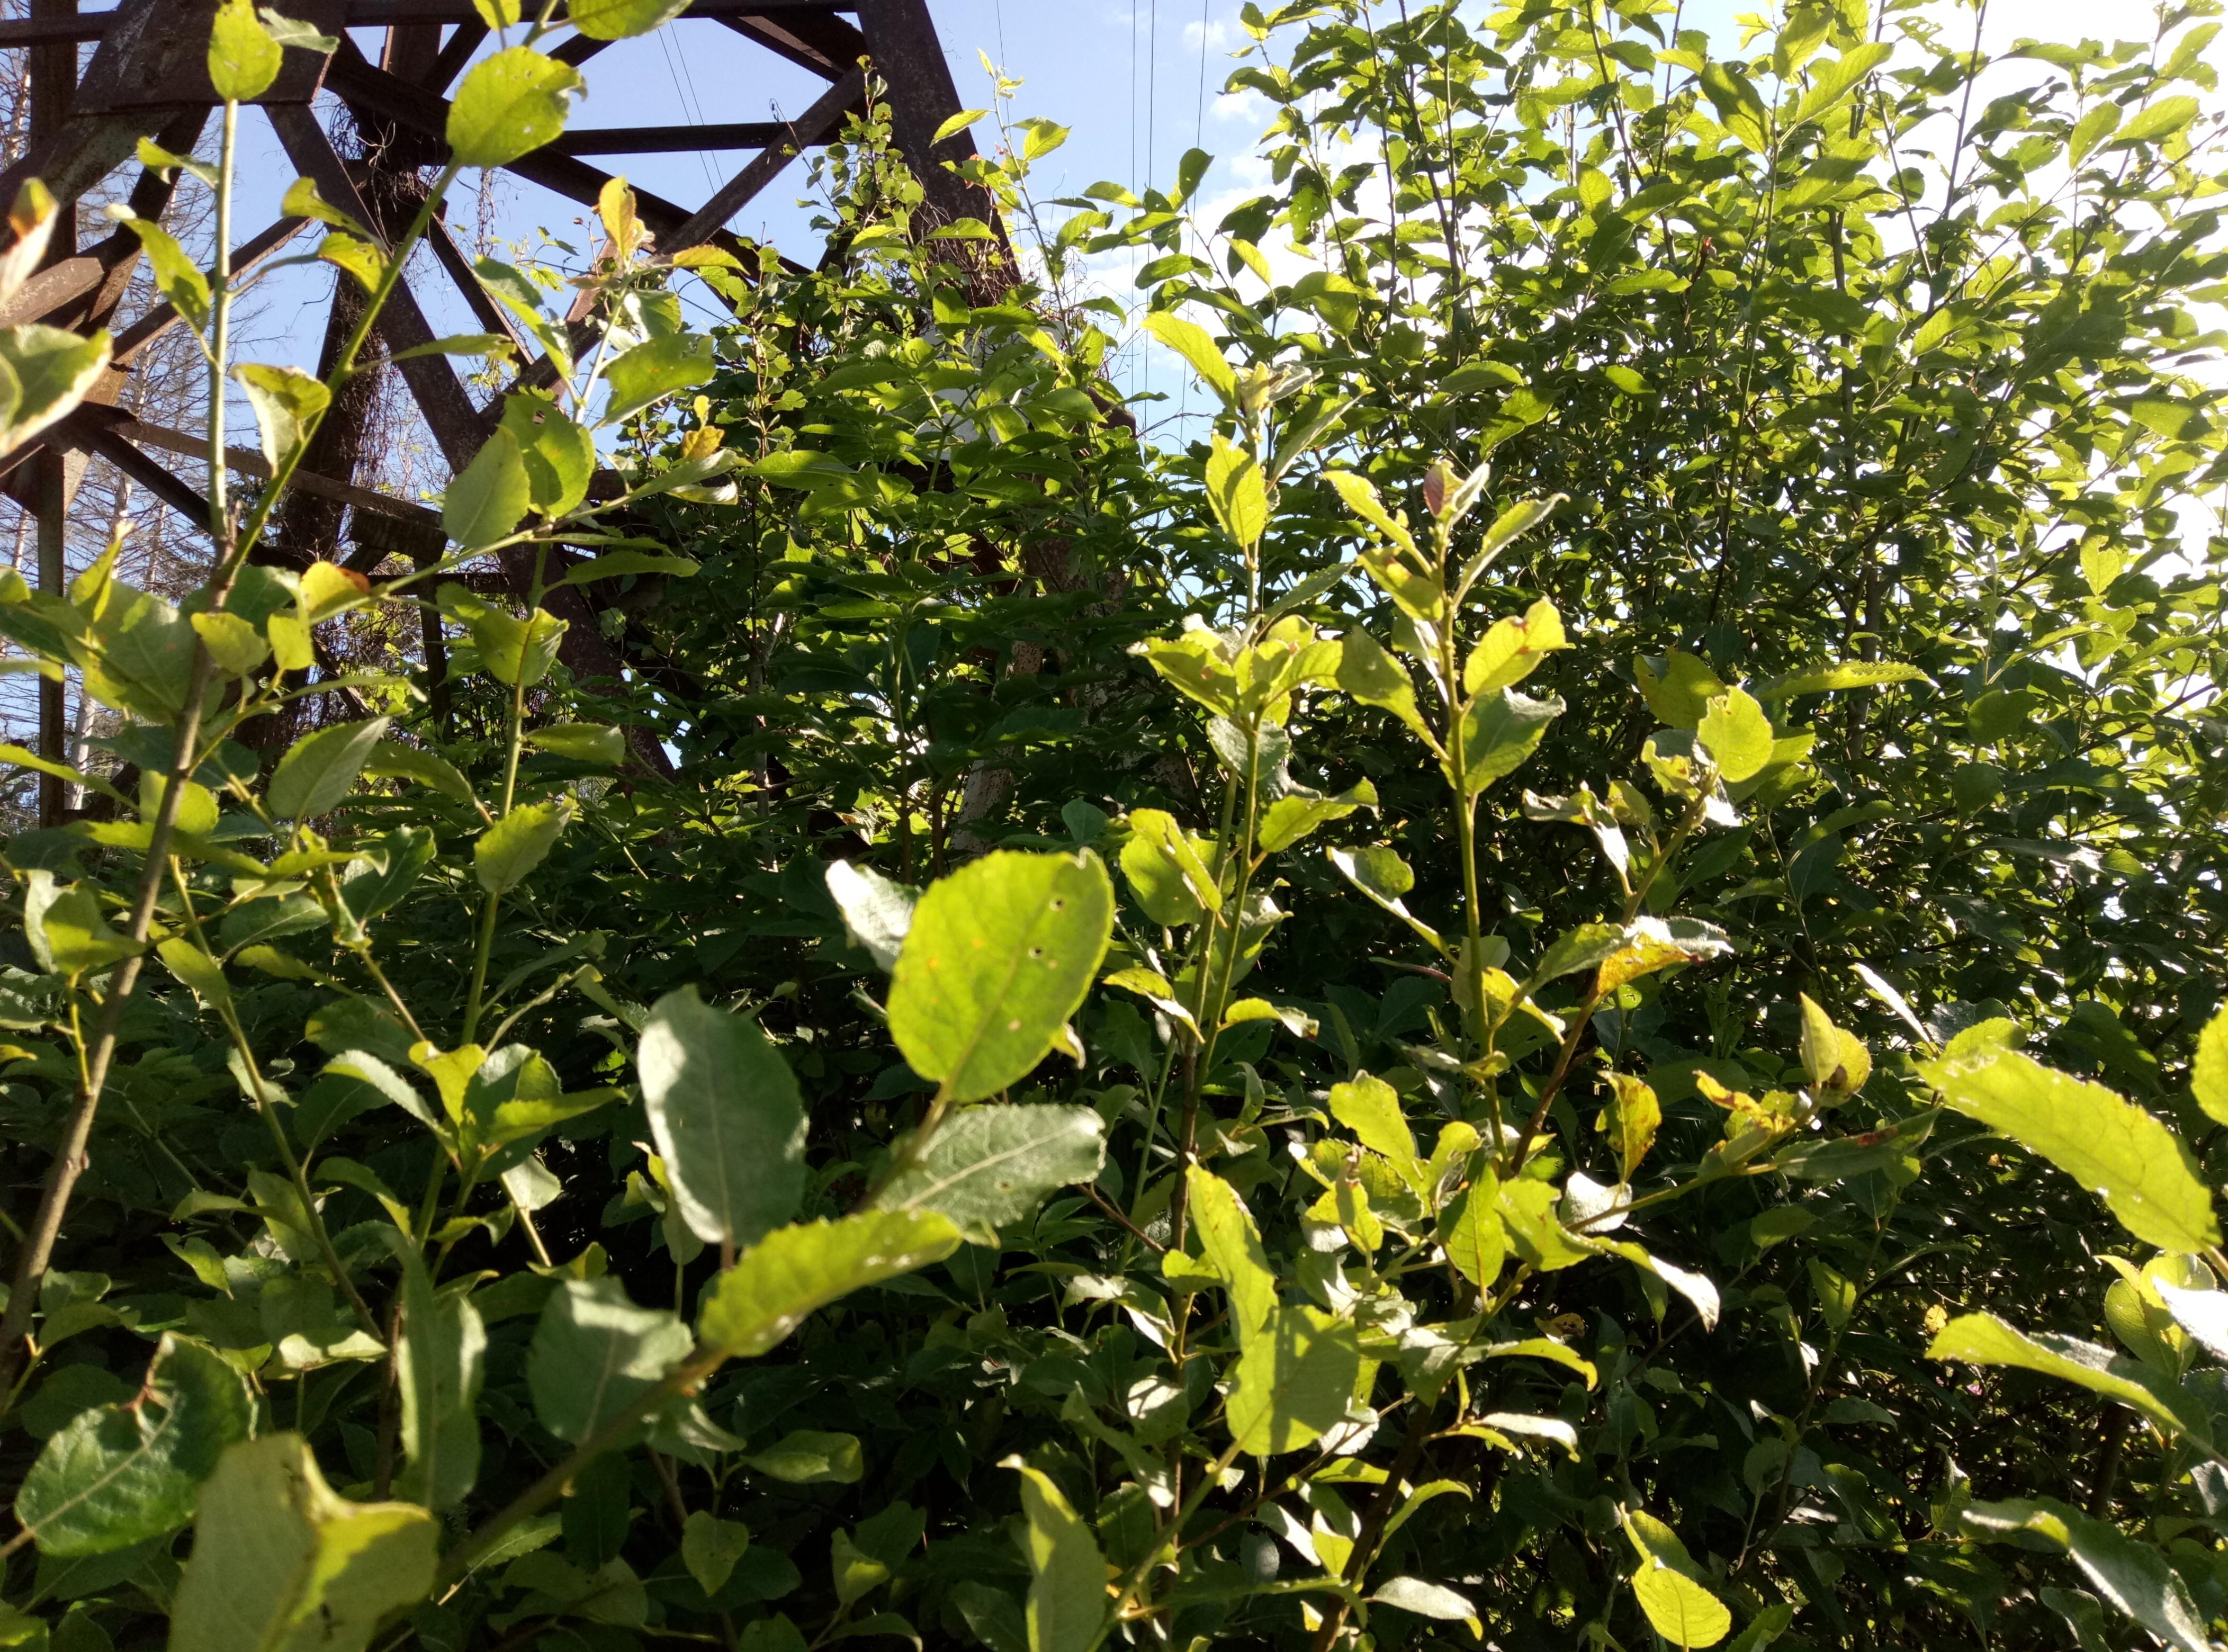 кустарниковая растительность на ВЛ 35 кВ